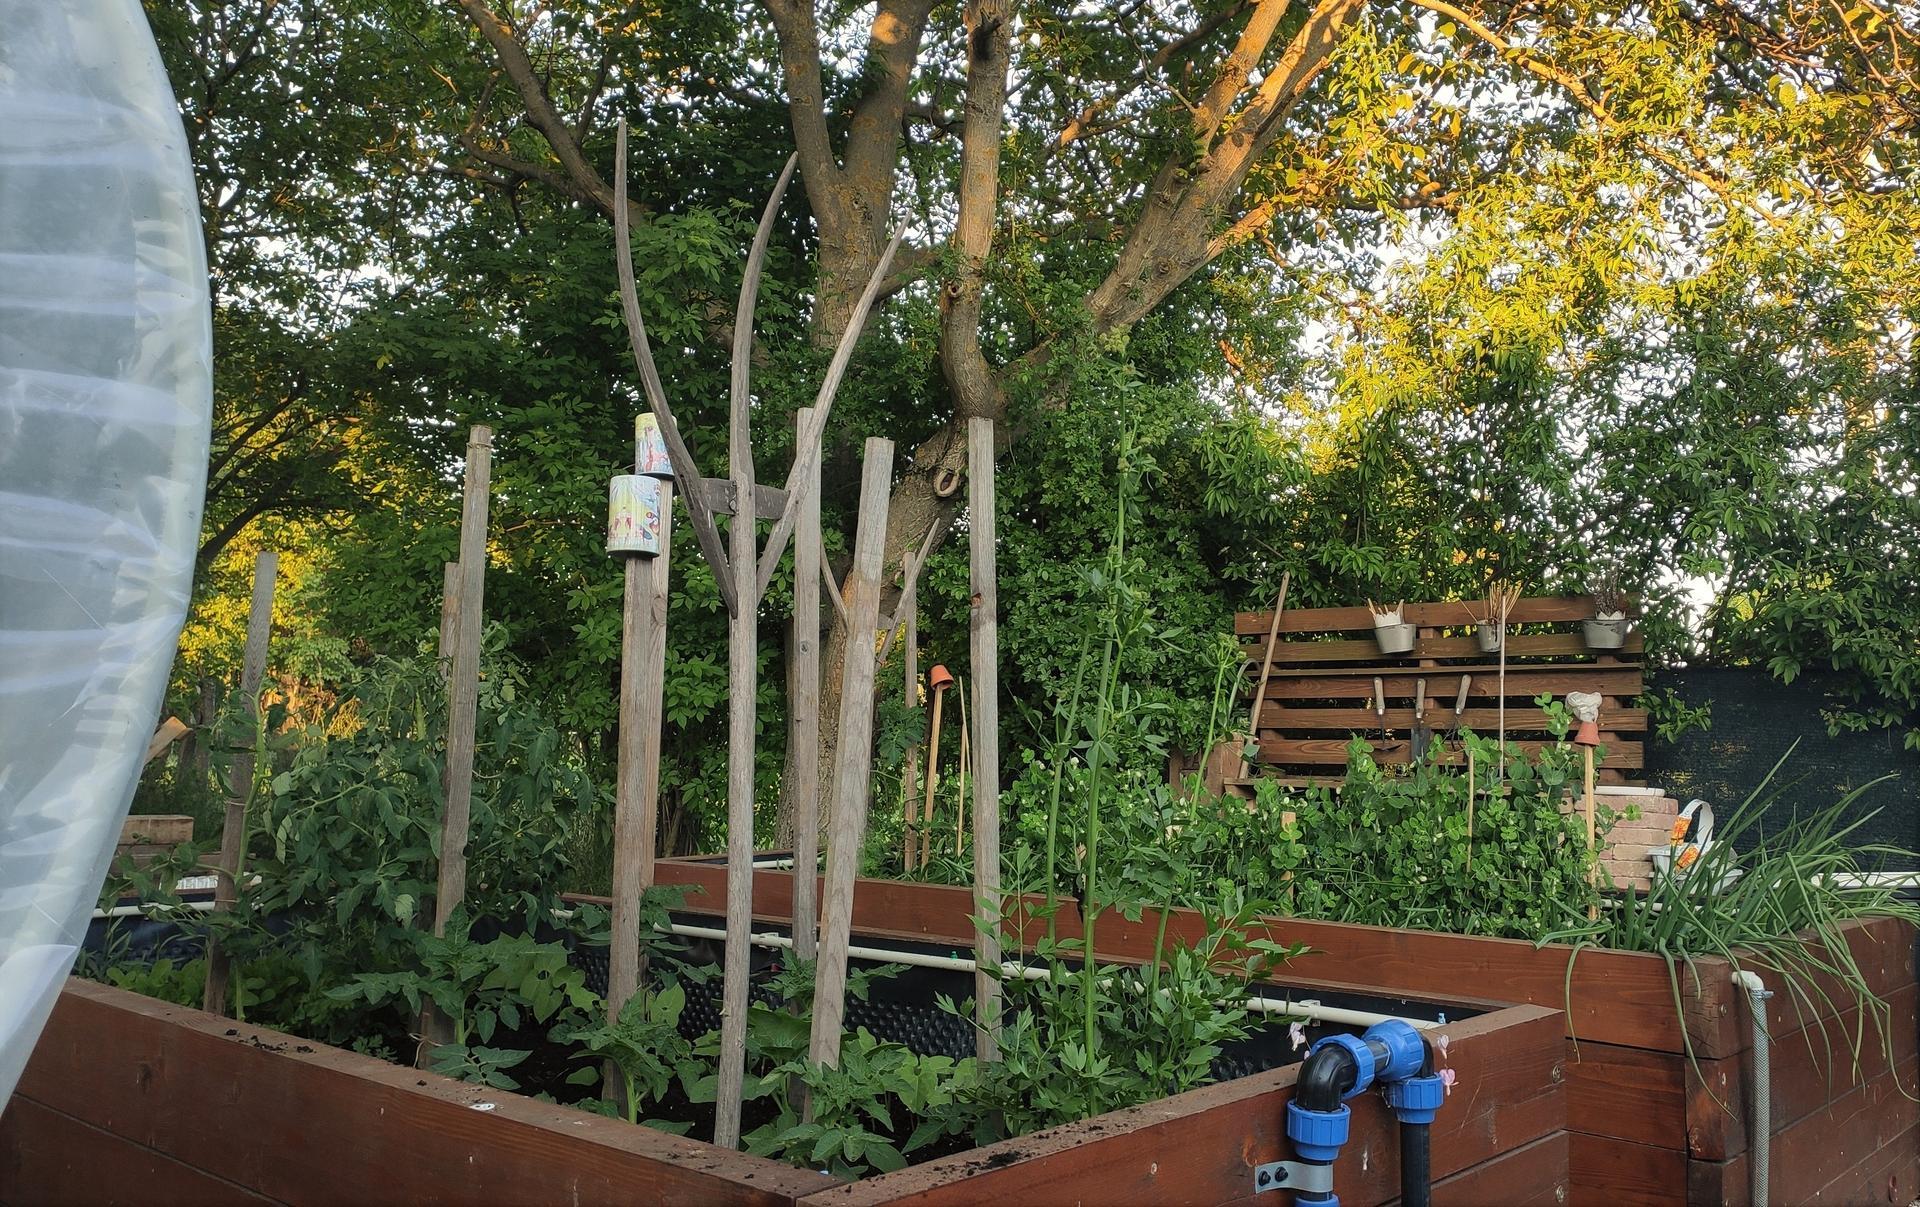 Vyvýšené záhony a úžitková záhrada - sezóna 2021 ... príprava, sadenie, starostlivosť - Obrázok č. 49